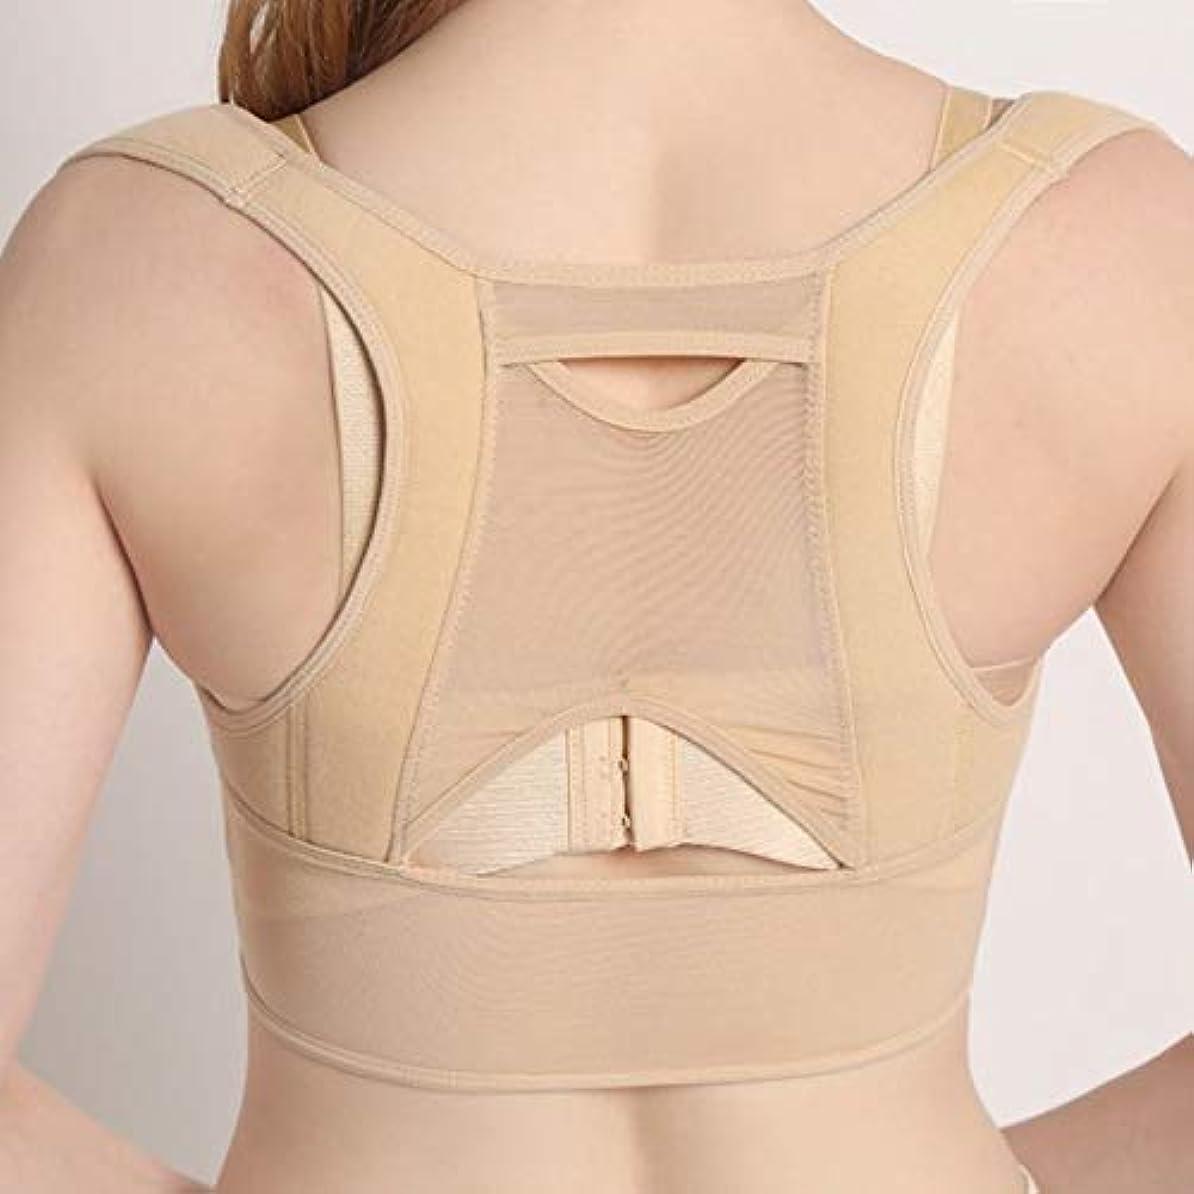 収束倒産私の女性の背部姿勢補正コルセット整形外科の上部背部肩背骨姿勢補正器腰椎サポート-ベージュホワイトM